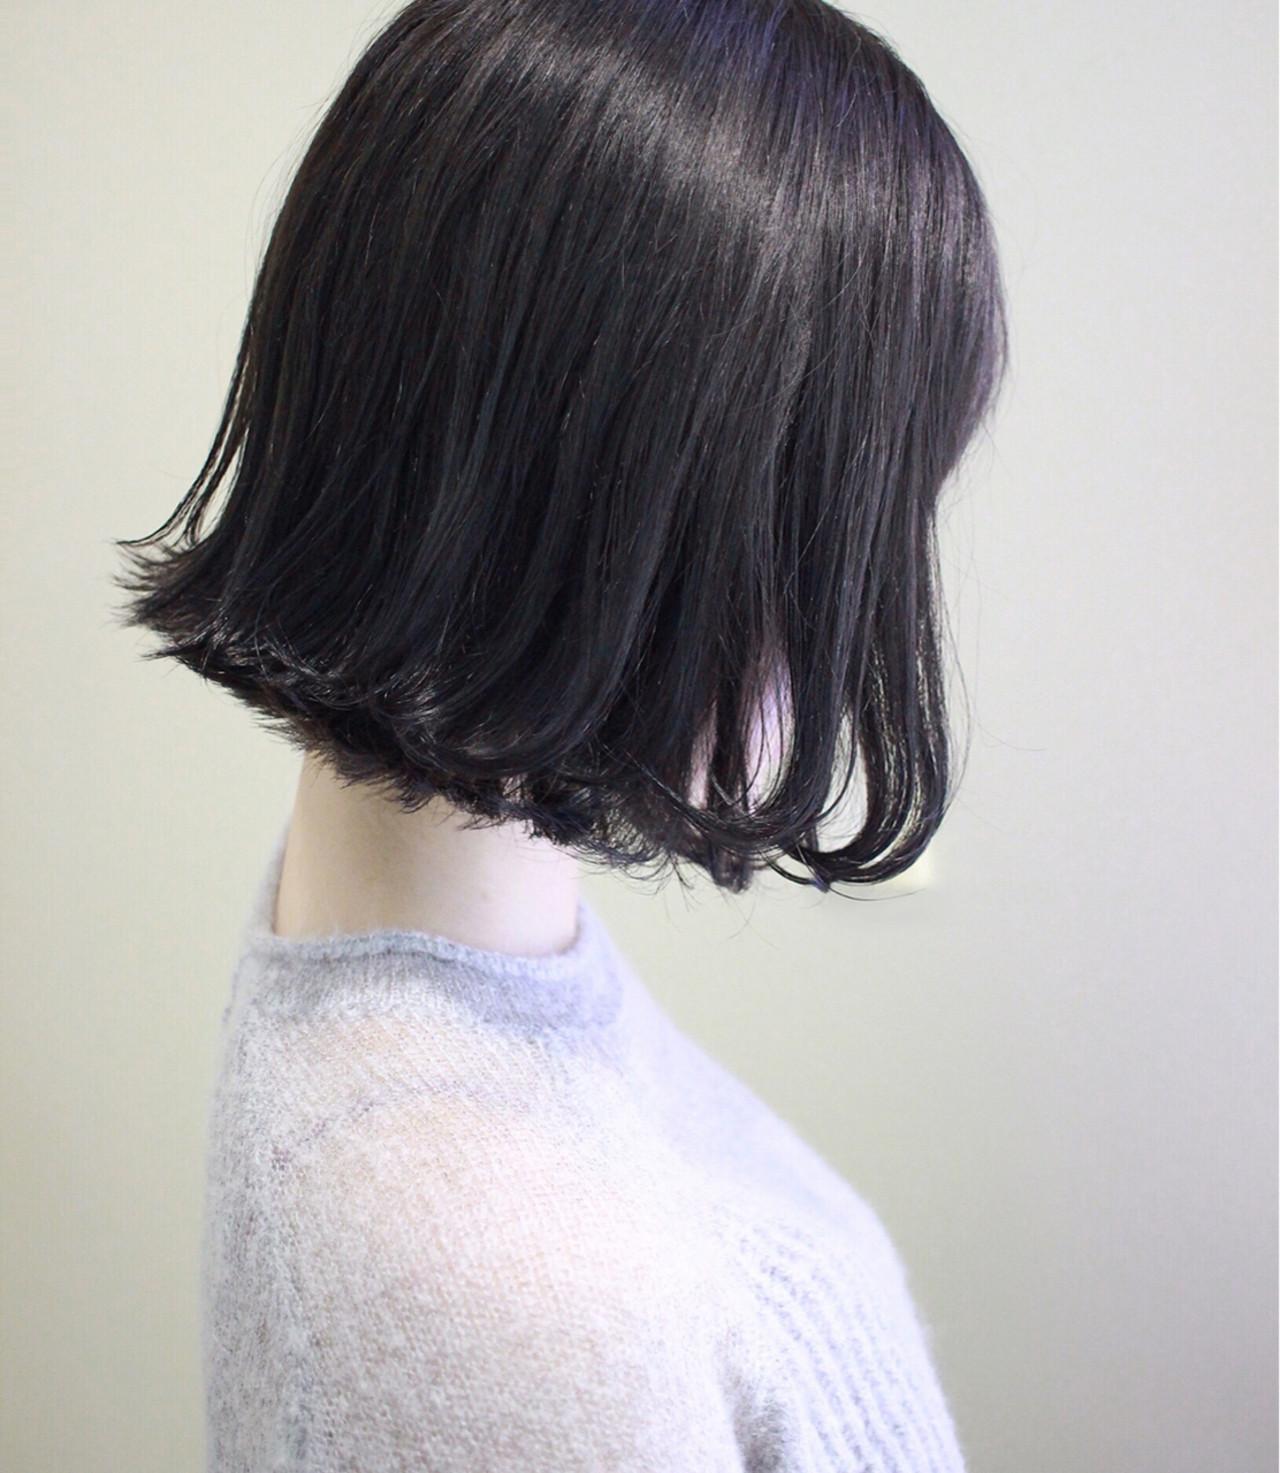 ミディアム 外ハネ ボブ ショートボブ ヘアスタイルや髪型の写真・画像 | 西川 諒 / OSHARE DOROBO seed